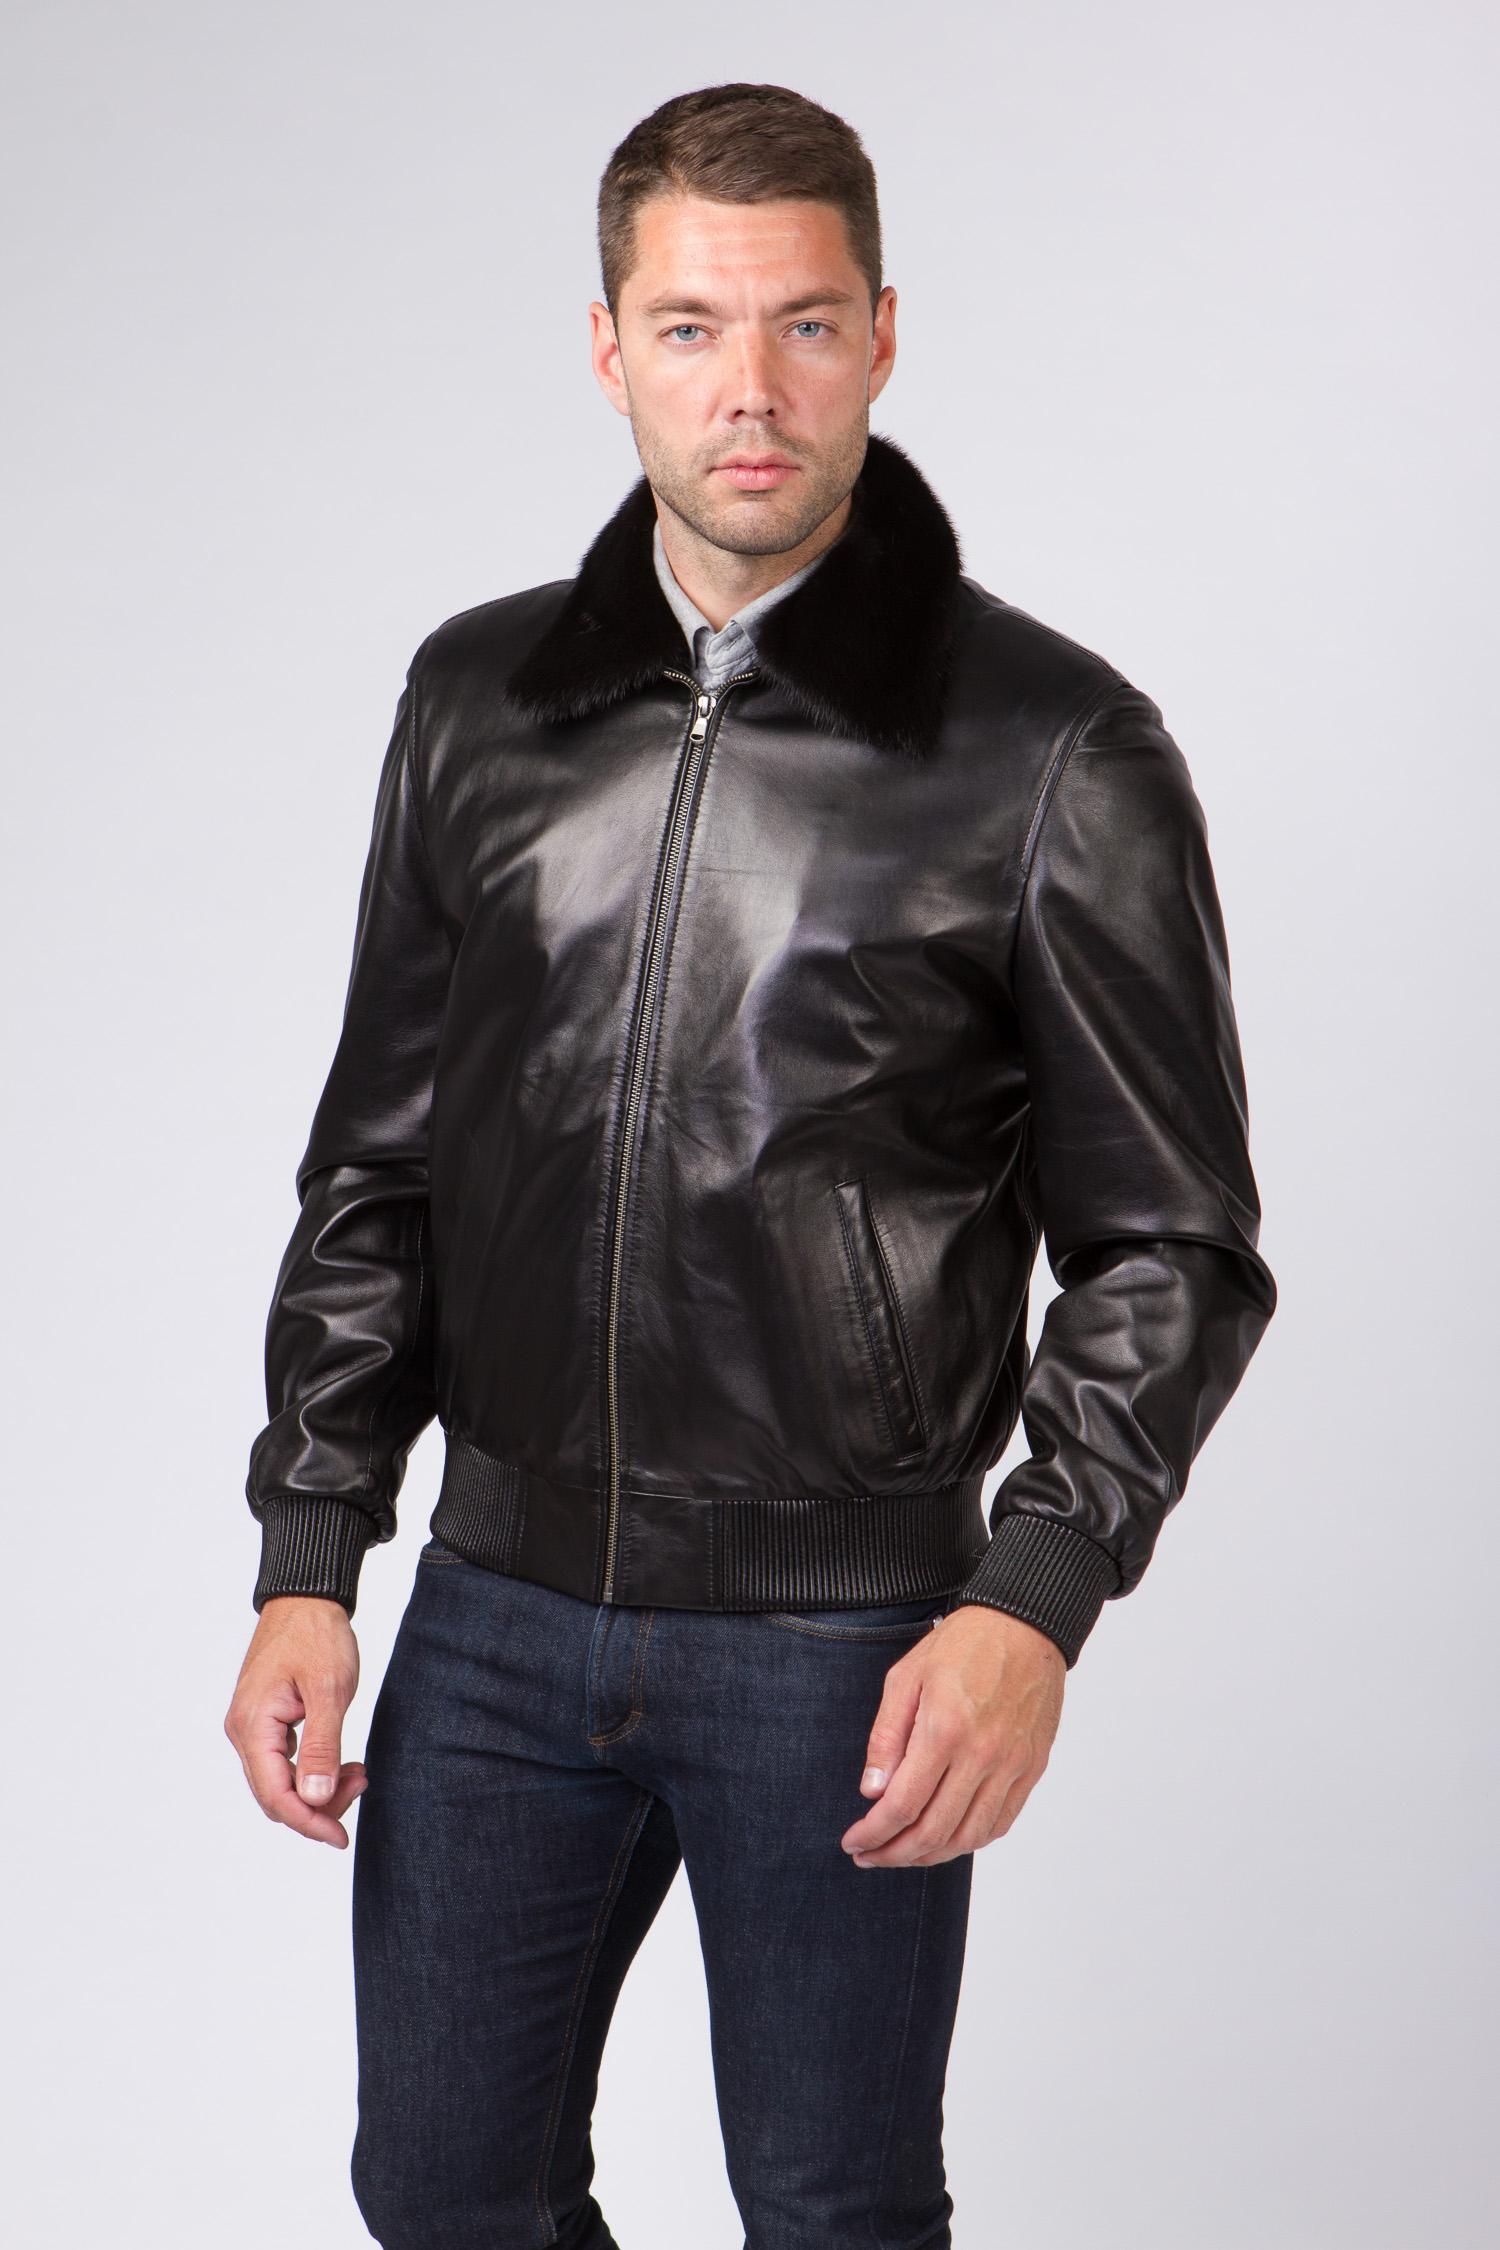 Мужская кожаная куртка из натуральной кожи с воротником, отделка норка